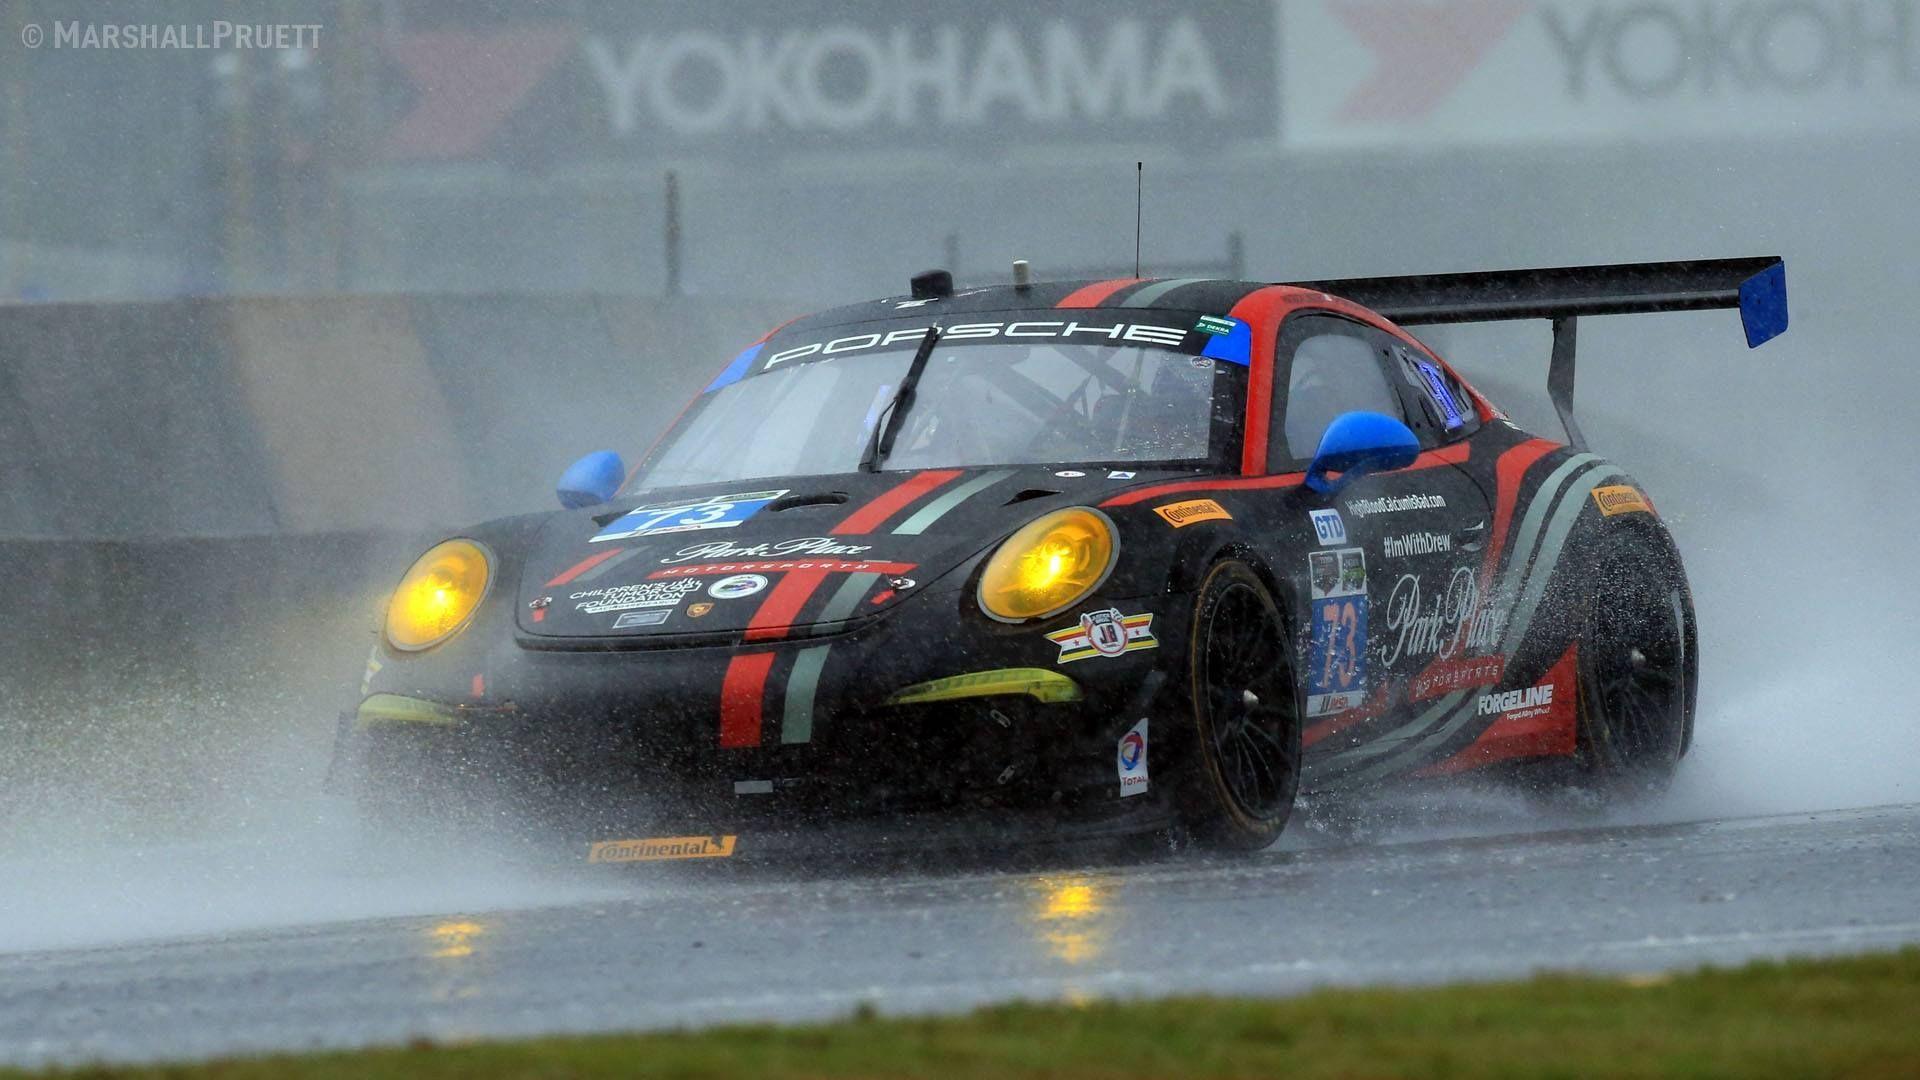 2015 Porsche 911 | Park Place Motorsports #73 Porsche Wins Petit Le Mans on Forgeline One Piece Forged Monoblock GTD1 Wheels